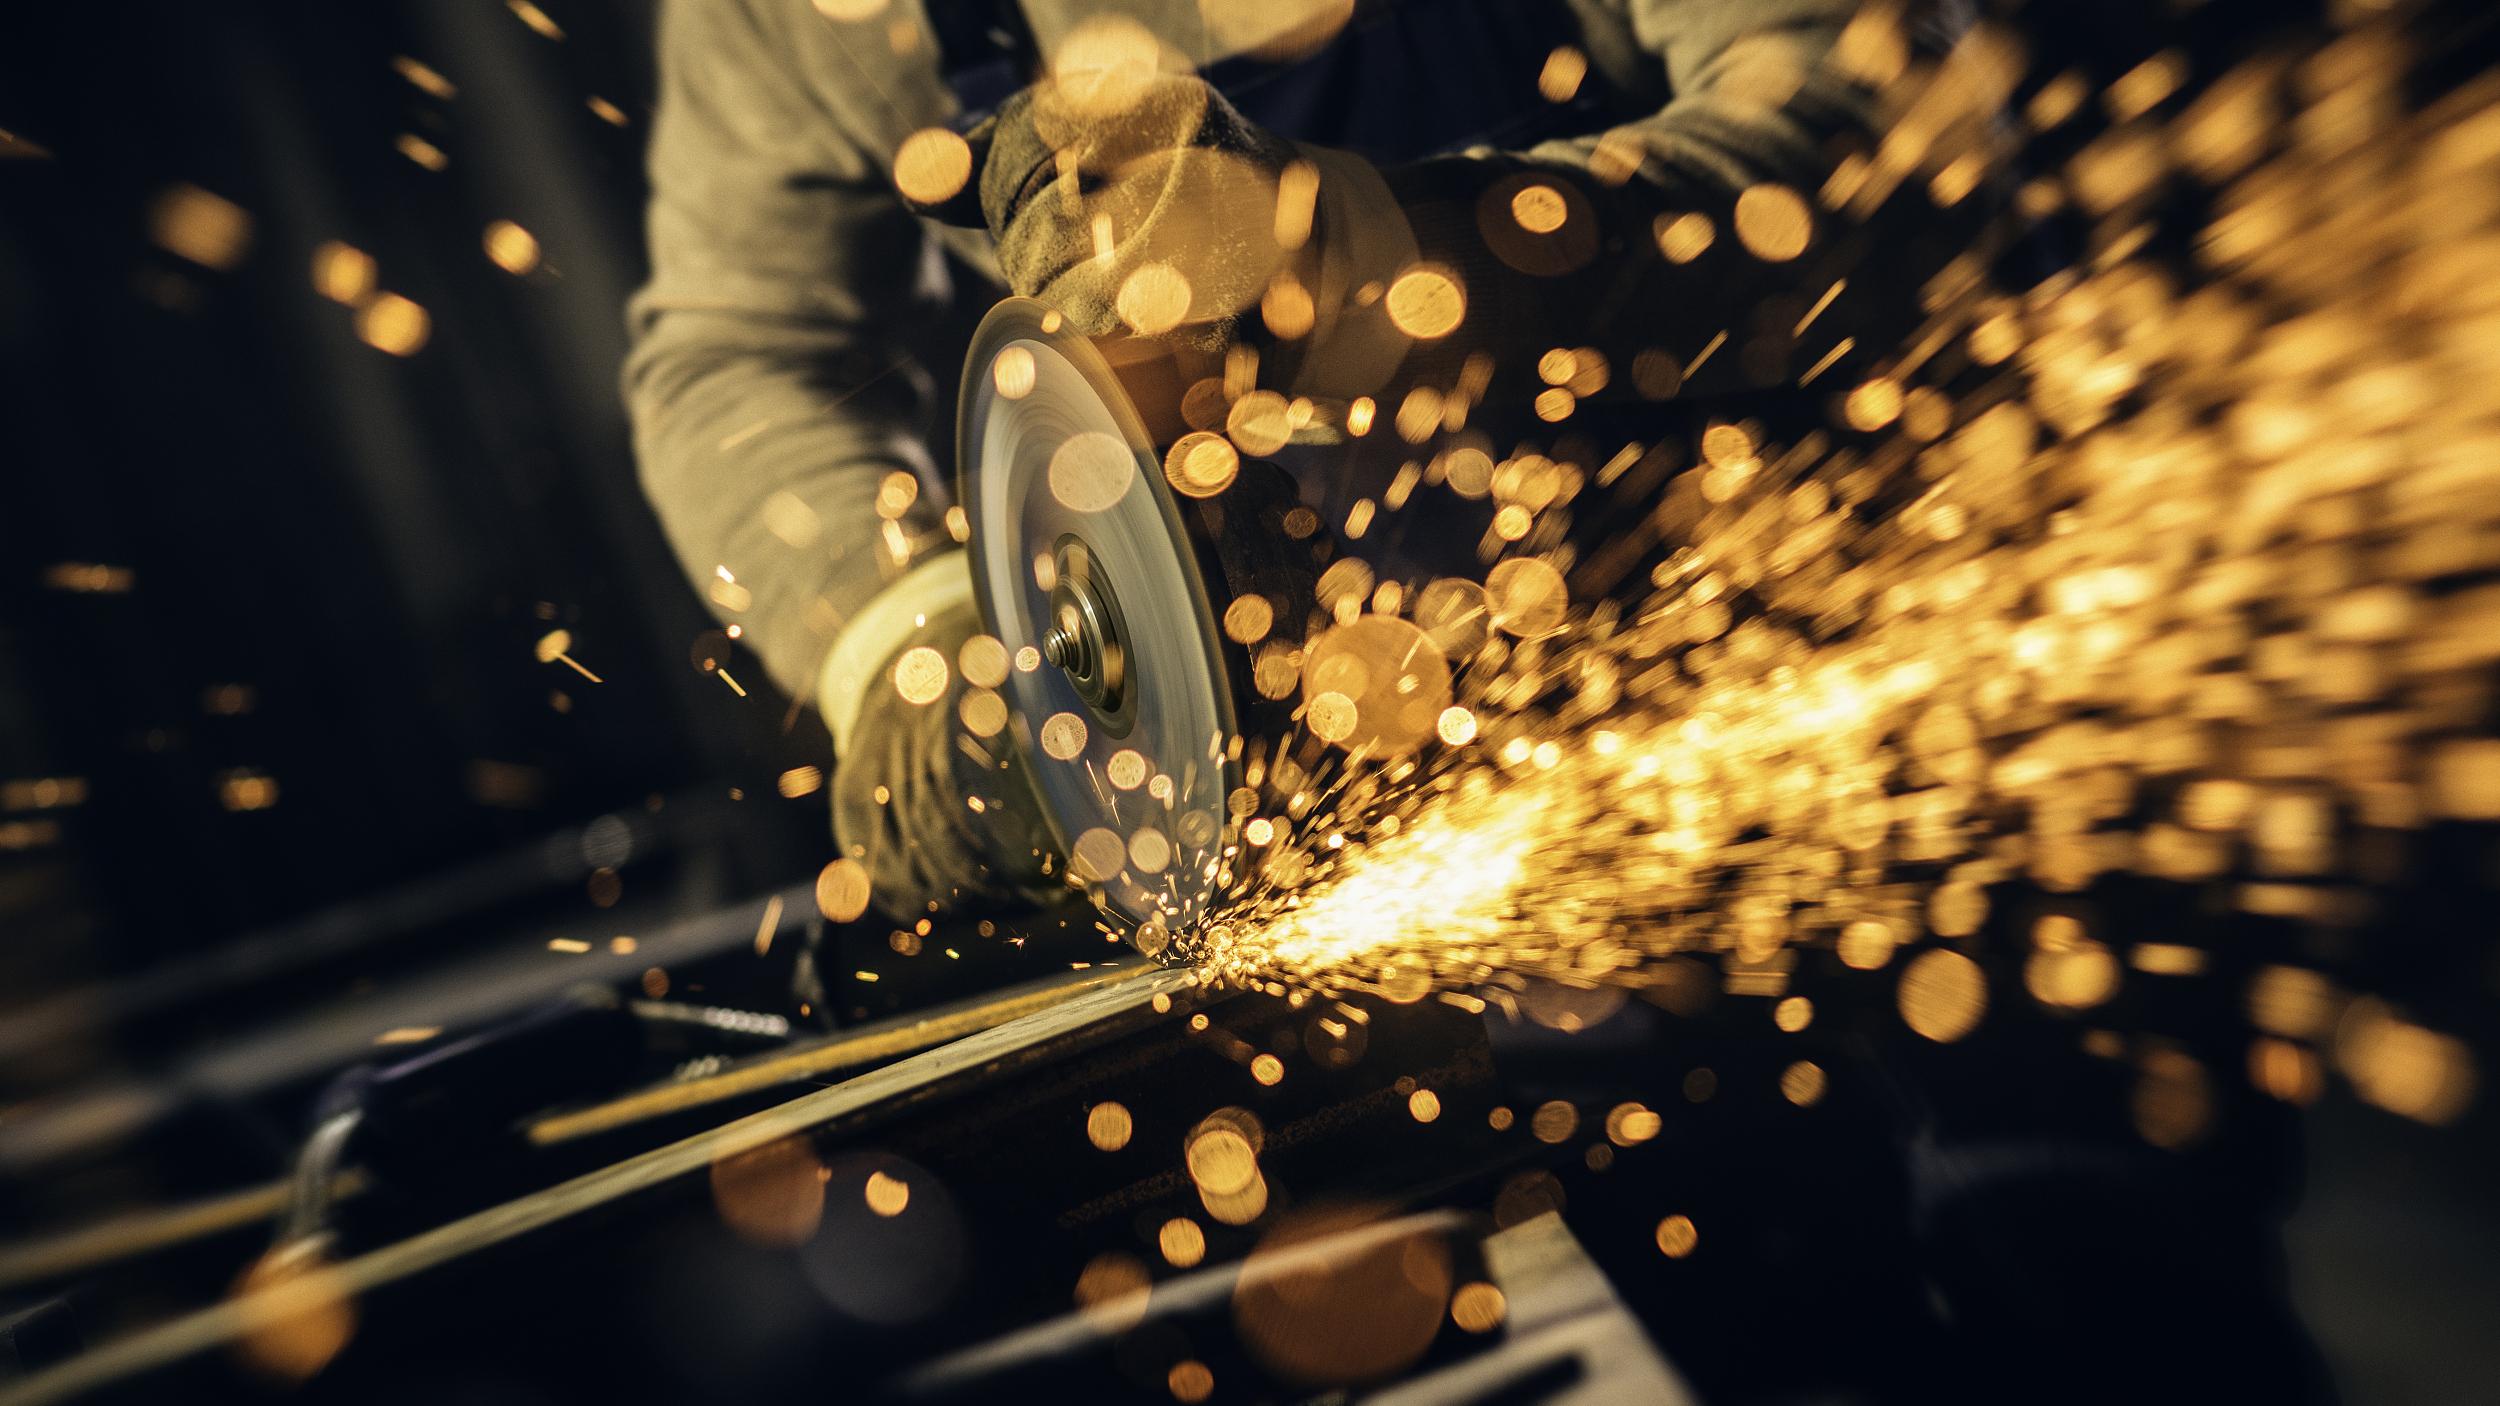 """钢铁 投资巨头抱团施压 全球钢铁业面临""""碳中和""""压力"""